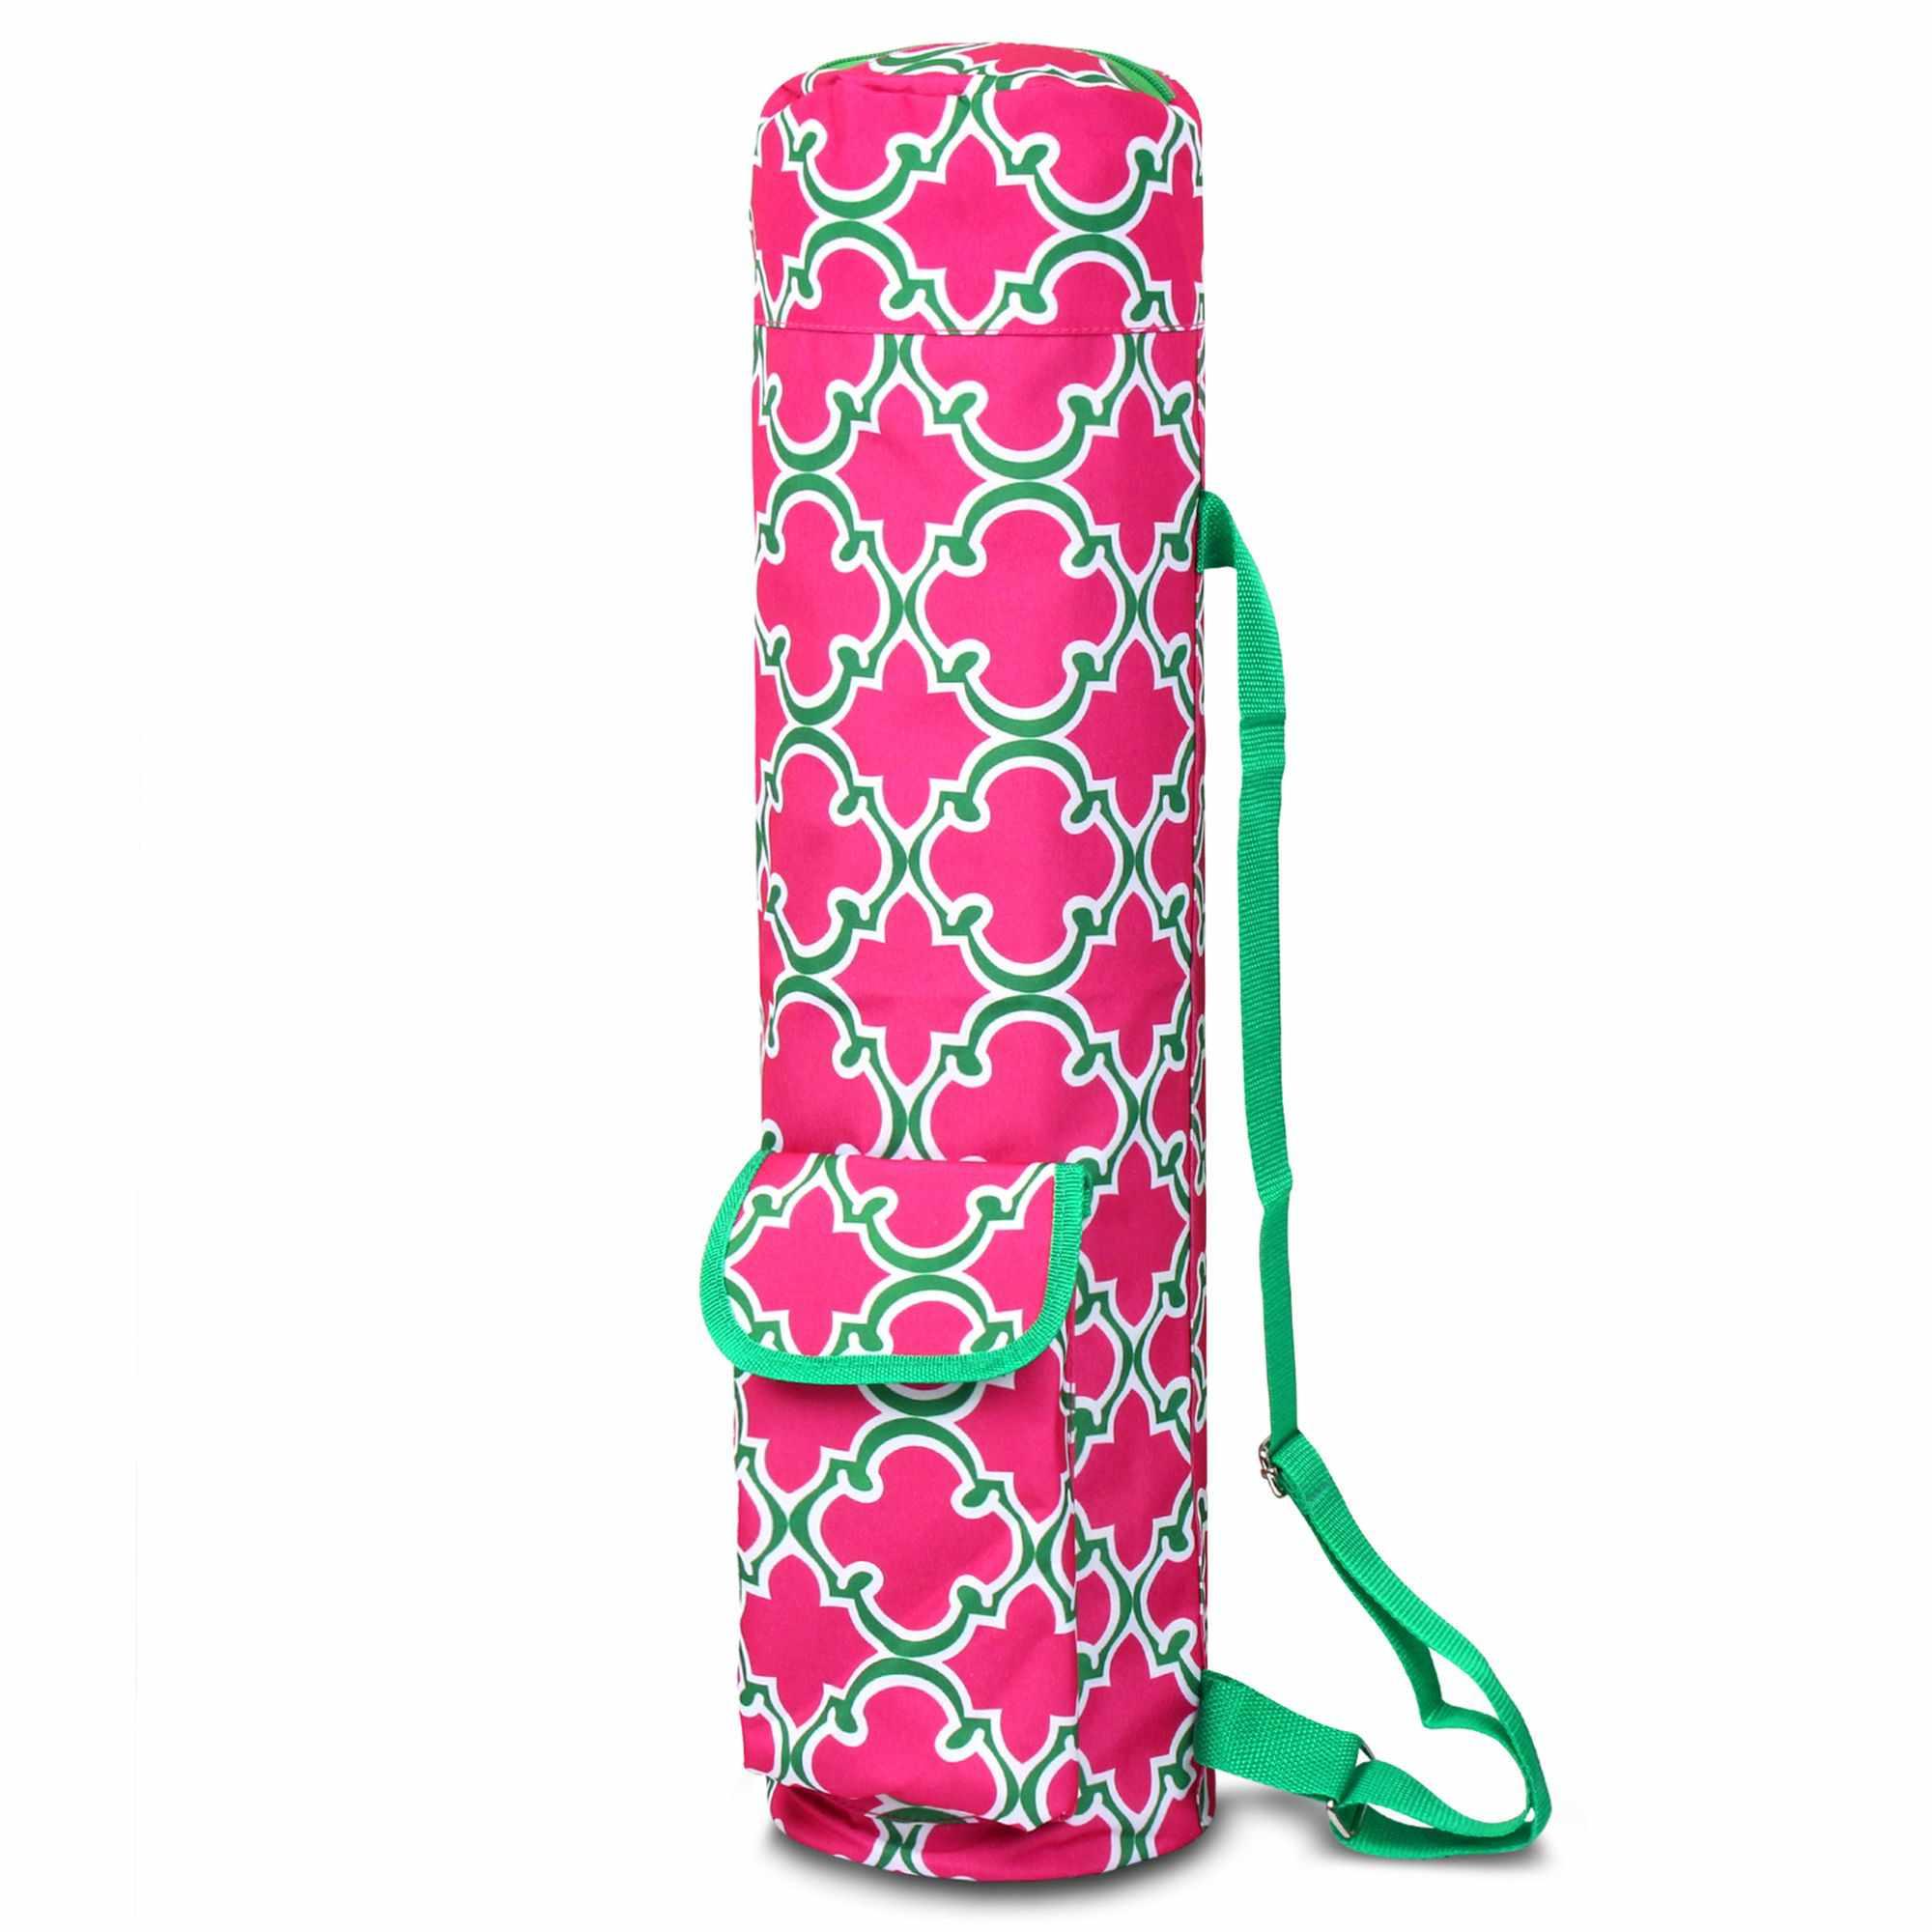 Zodaca Lightweight, Full-Zip Yoga Mat Bag